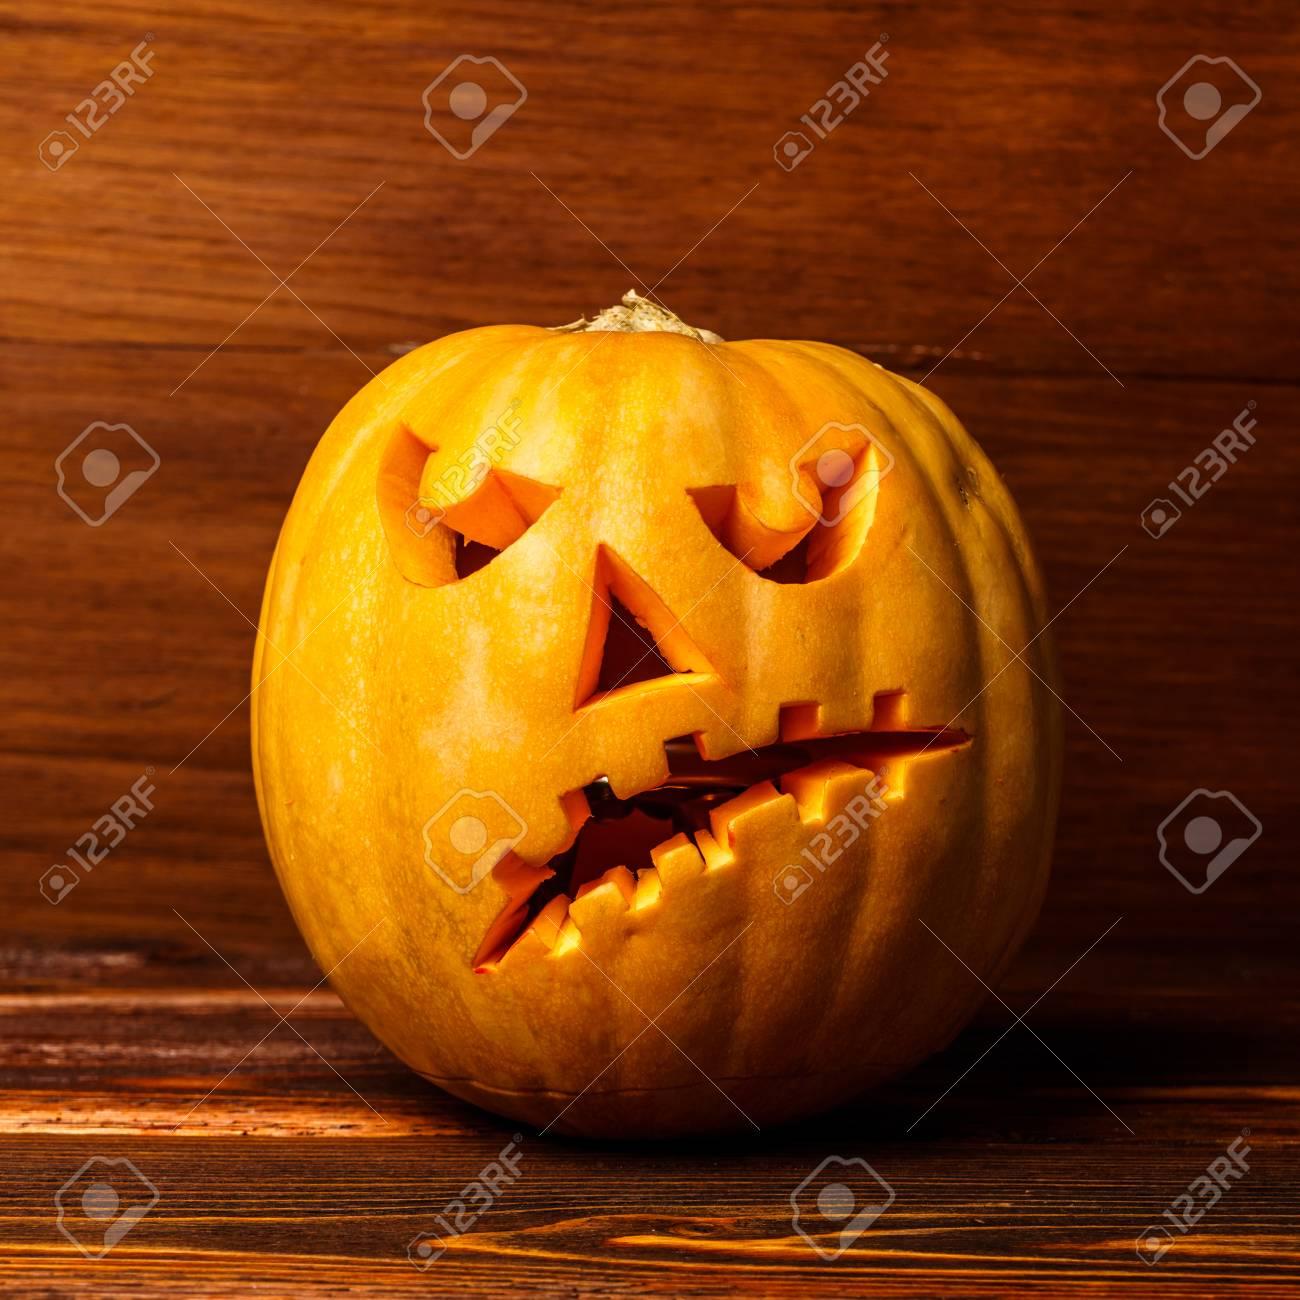 Pompoen En Halloween.Enge Die Halloween Pompoen Op Een Houten Achtergrond Wordt Geisoleerd Enge Gloeiend Gezichtstruc Of Treat Concept Halloween Pompoen Op Houten